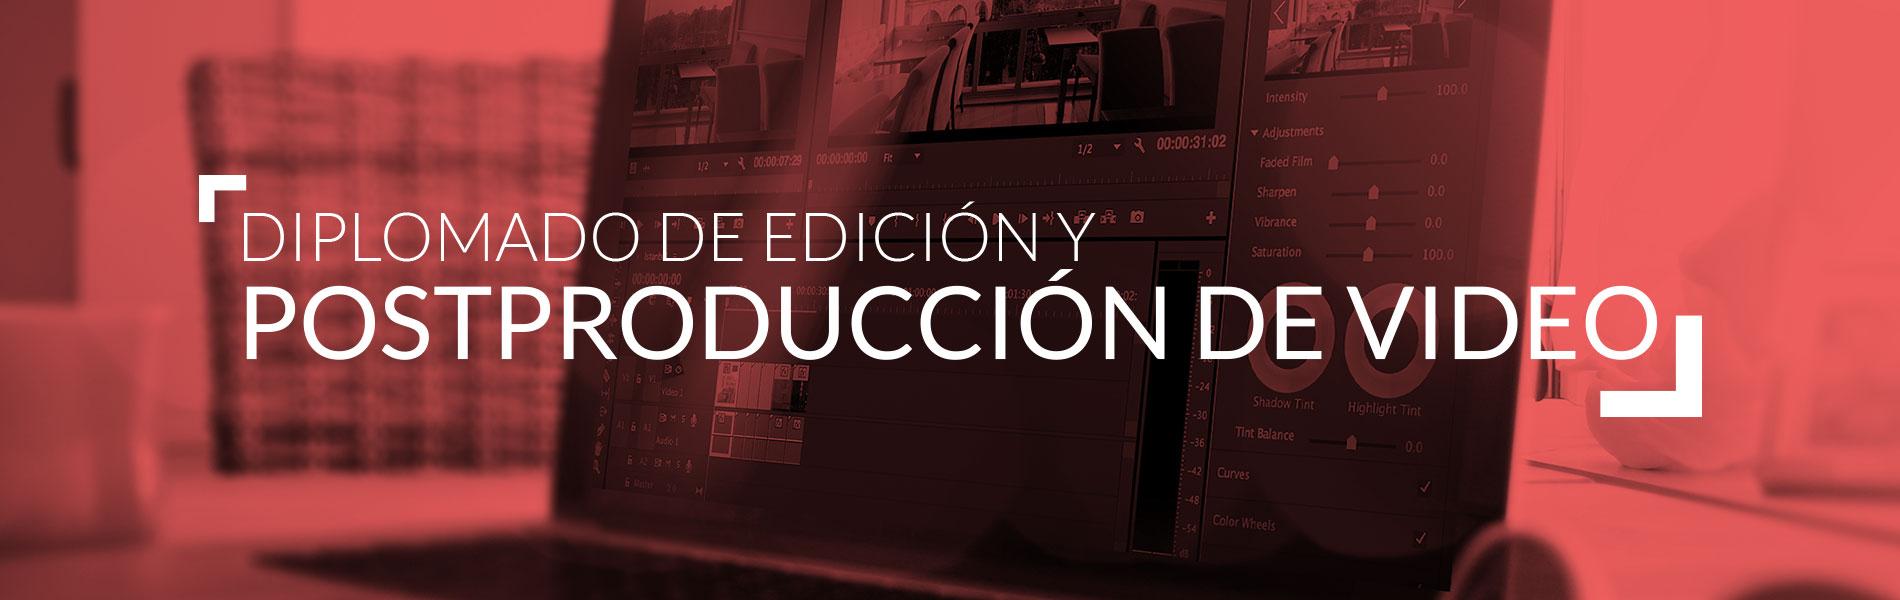 Diplomado de edición y post producción de video